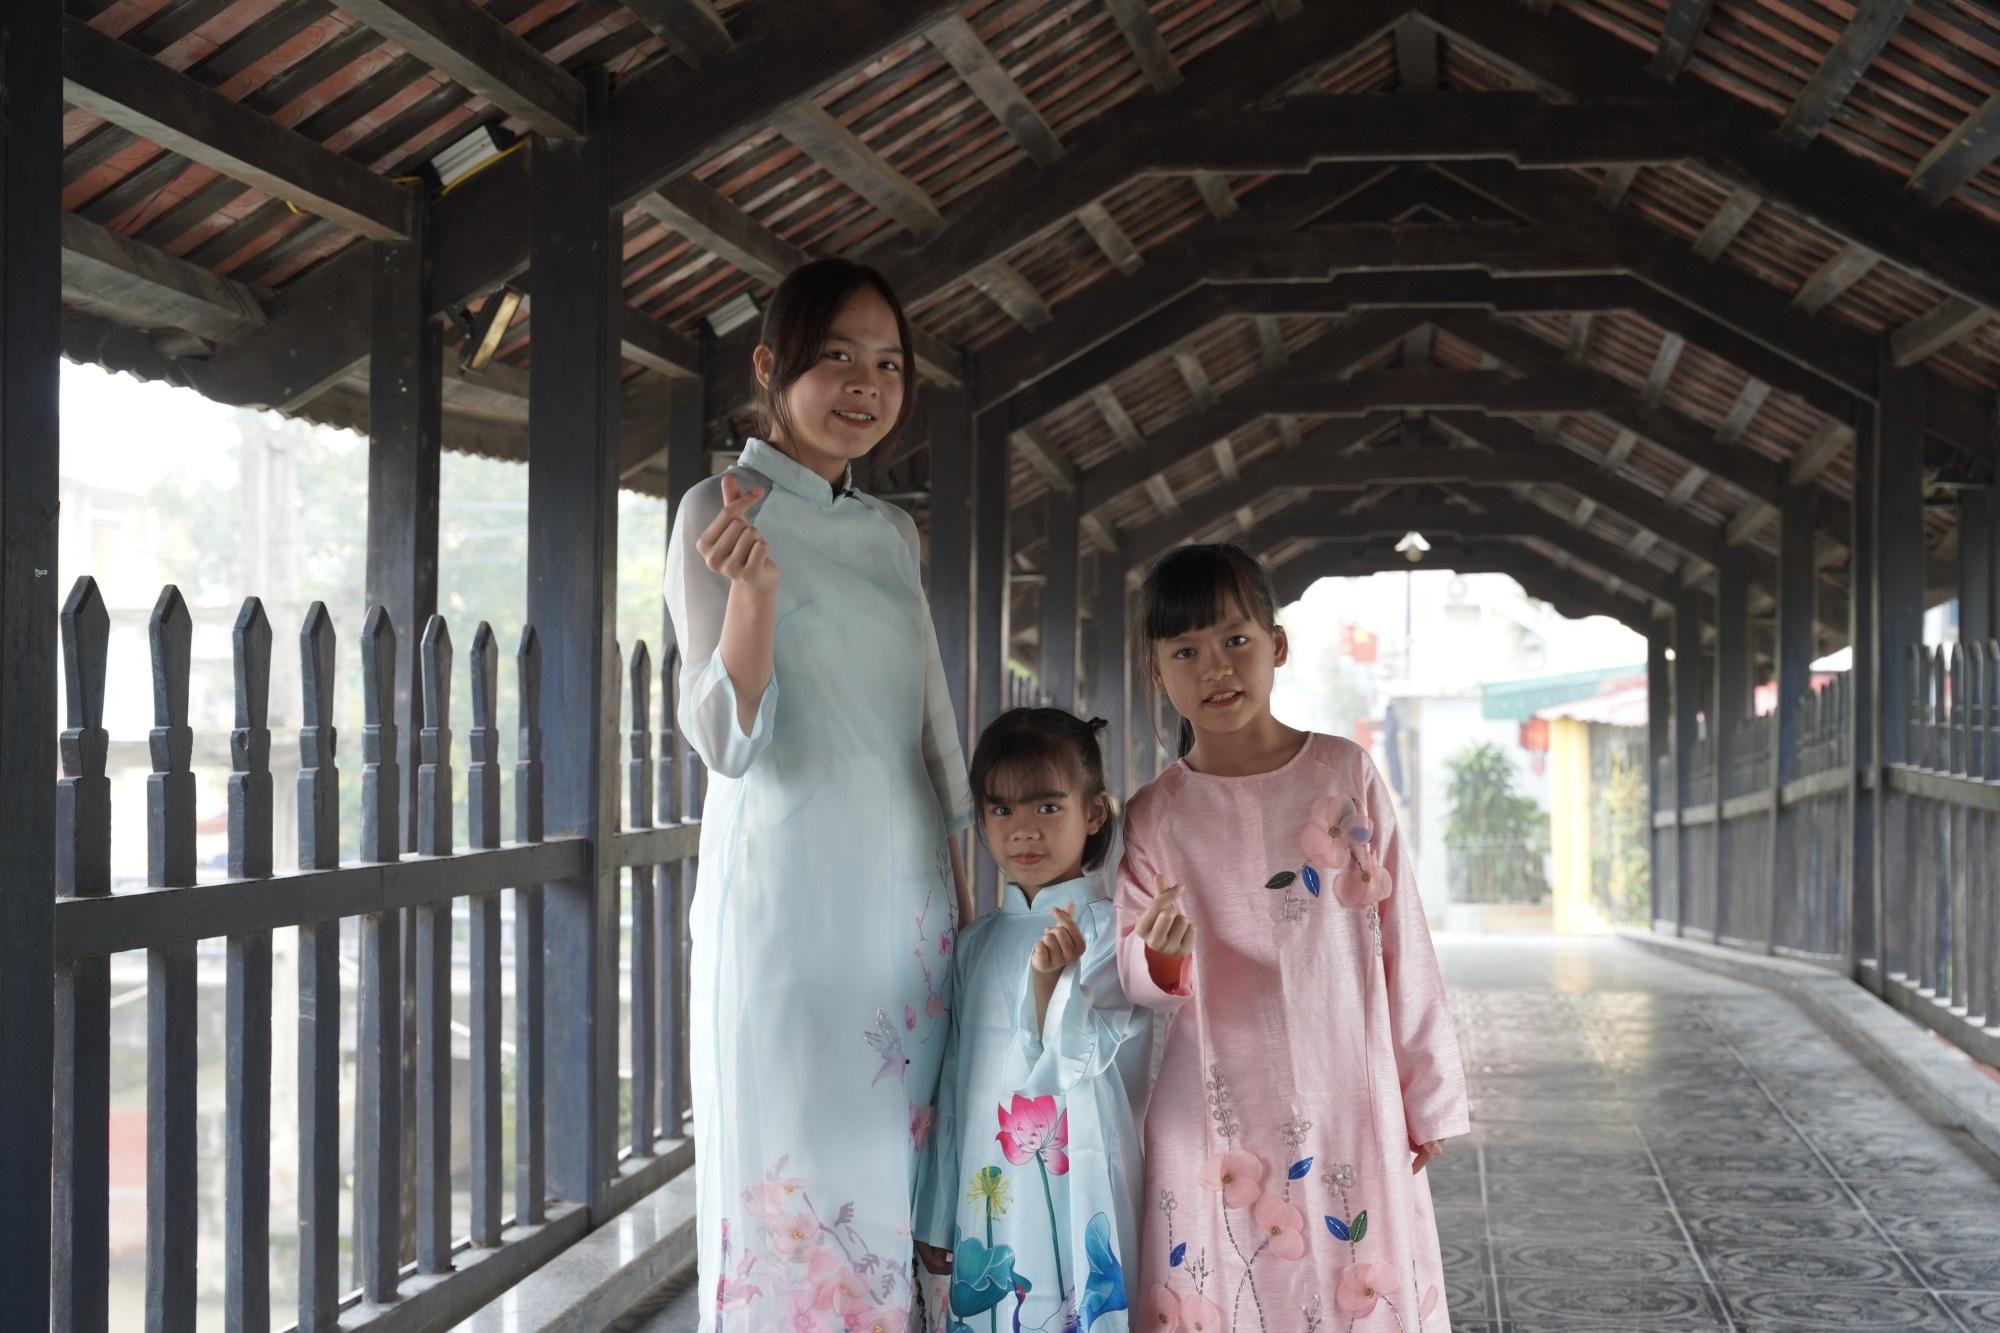 Vinamilk cùng Cặp lá yêu thương tiếp sức đến trường cho trẻ em tỉnh Ninh Bình - Ảnh 2